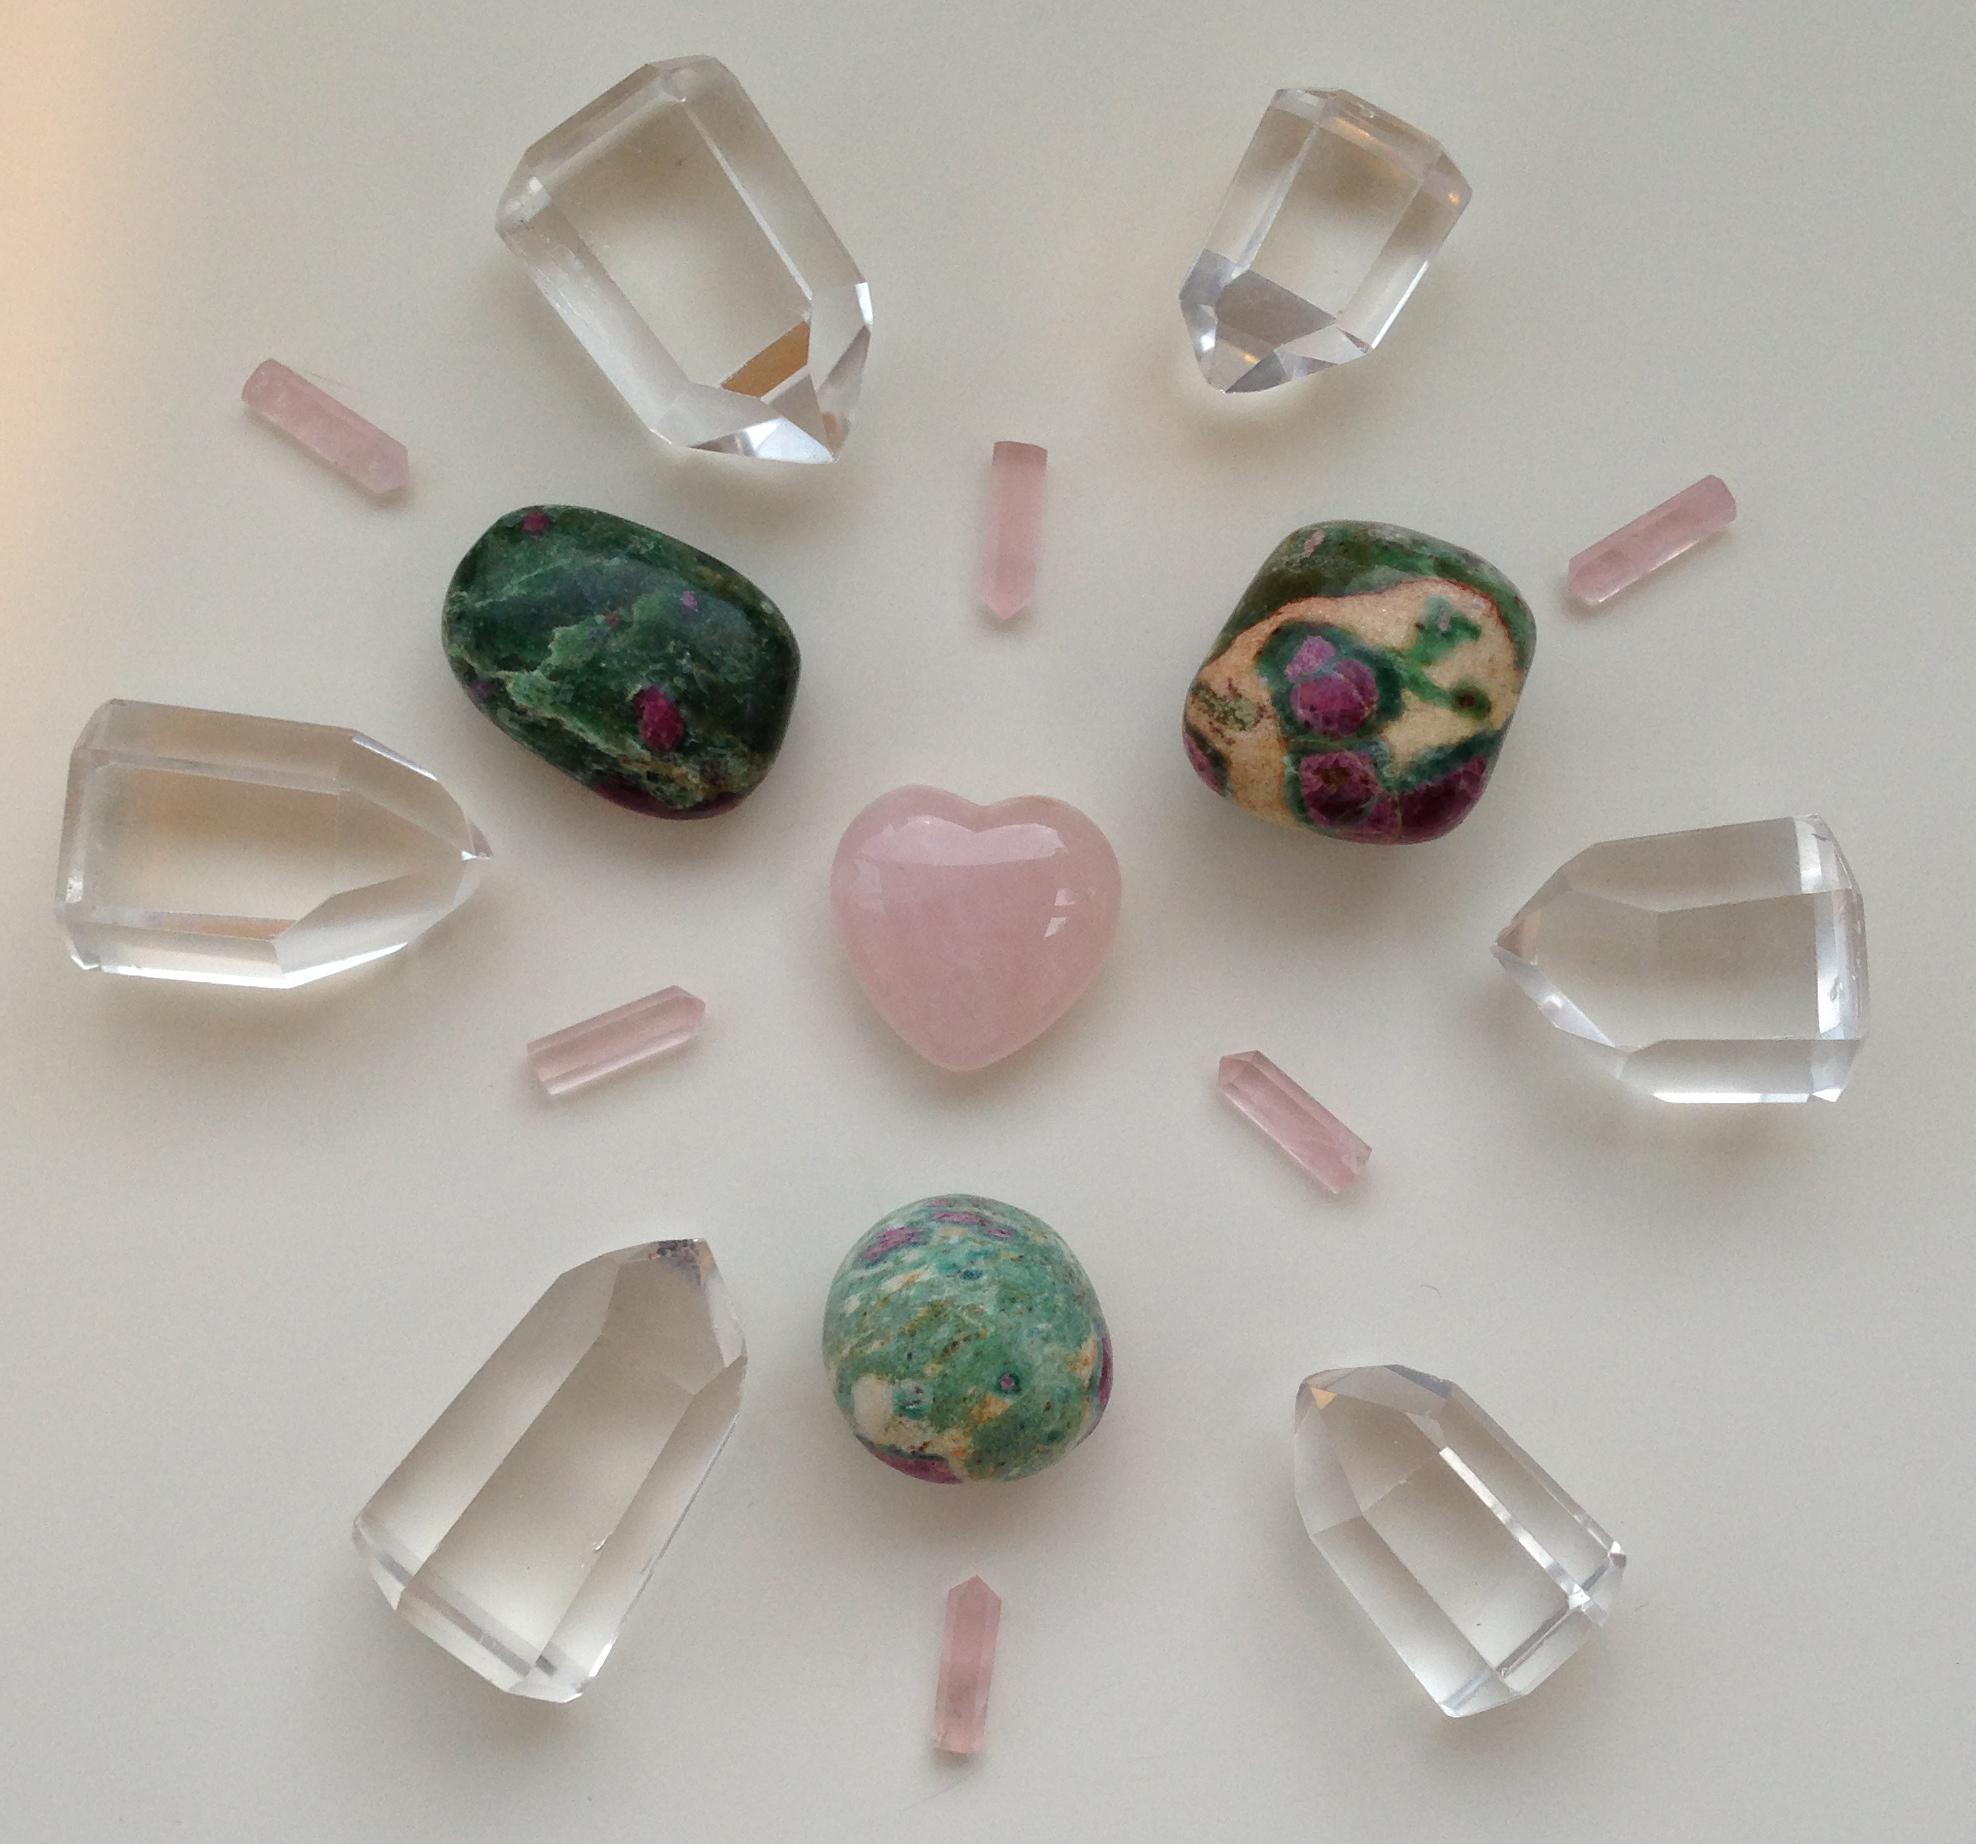 ум и сердце 2 Доверие и принятие, ум и сердце, розовые и зеленые камни